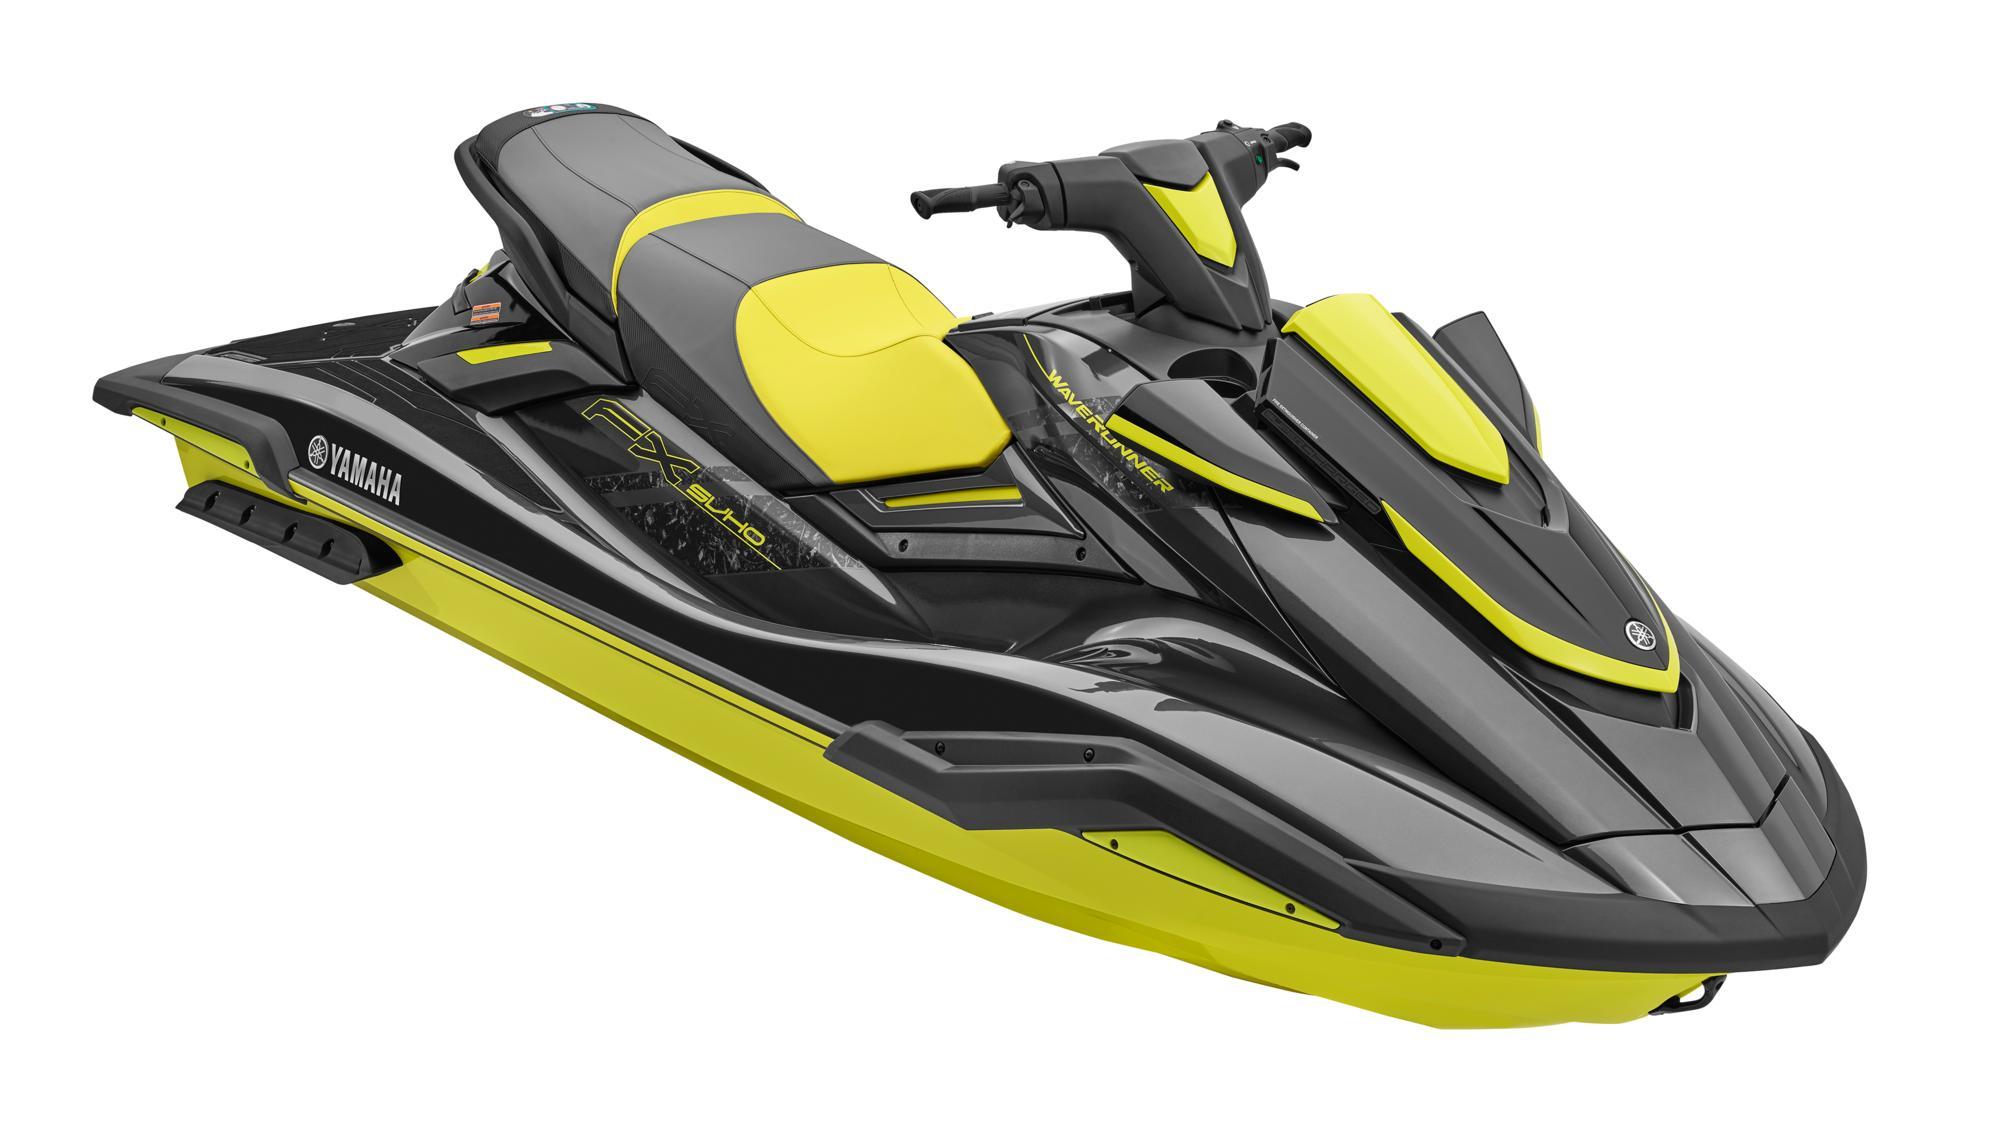 Moto d'acqua Y WR Fx SVHO 2021 nera/gialla - SeaDoo